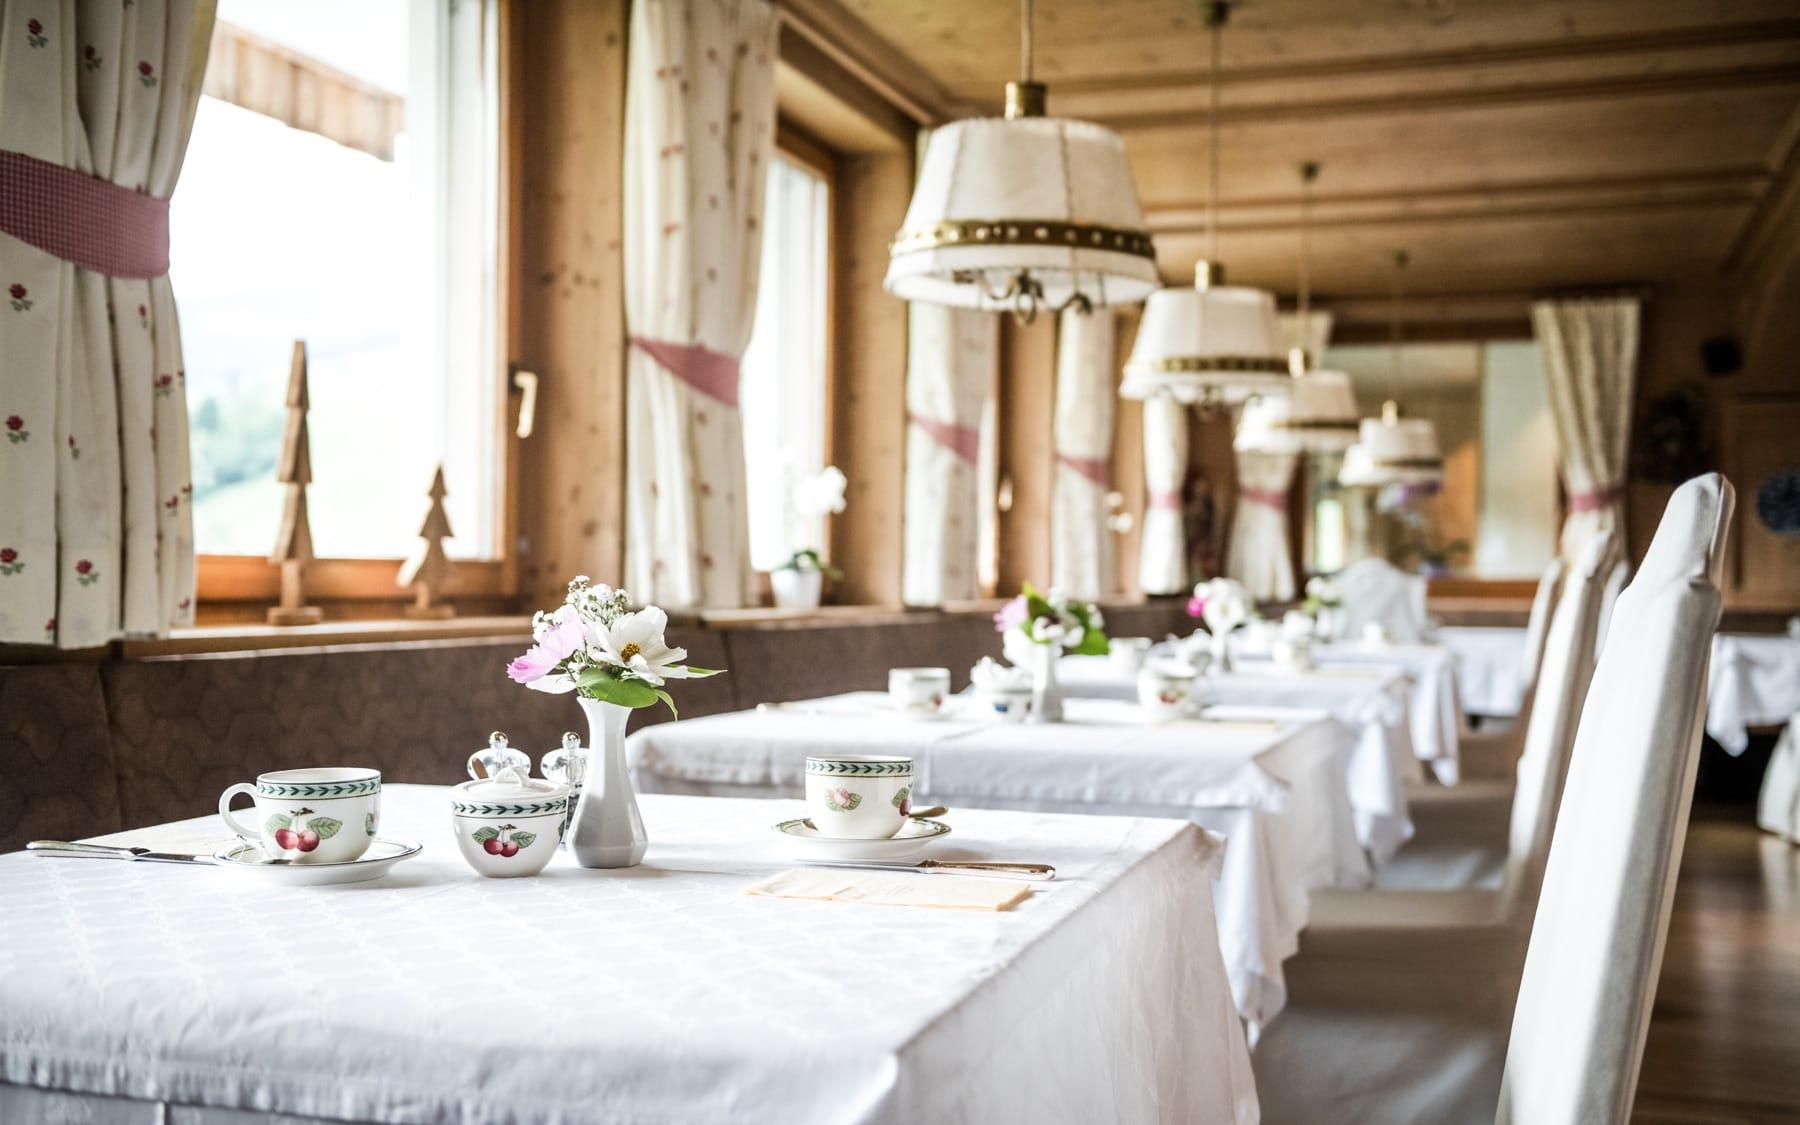 Ladinische Küche | Abende Mit Ladinische Kuche Hotel Mareo St Vigil In Enneberg